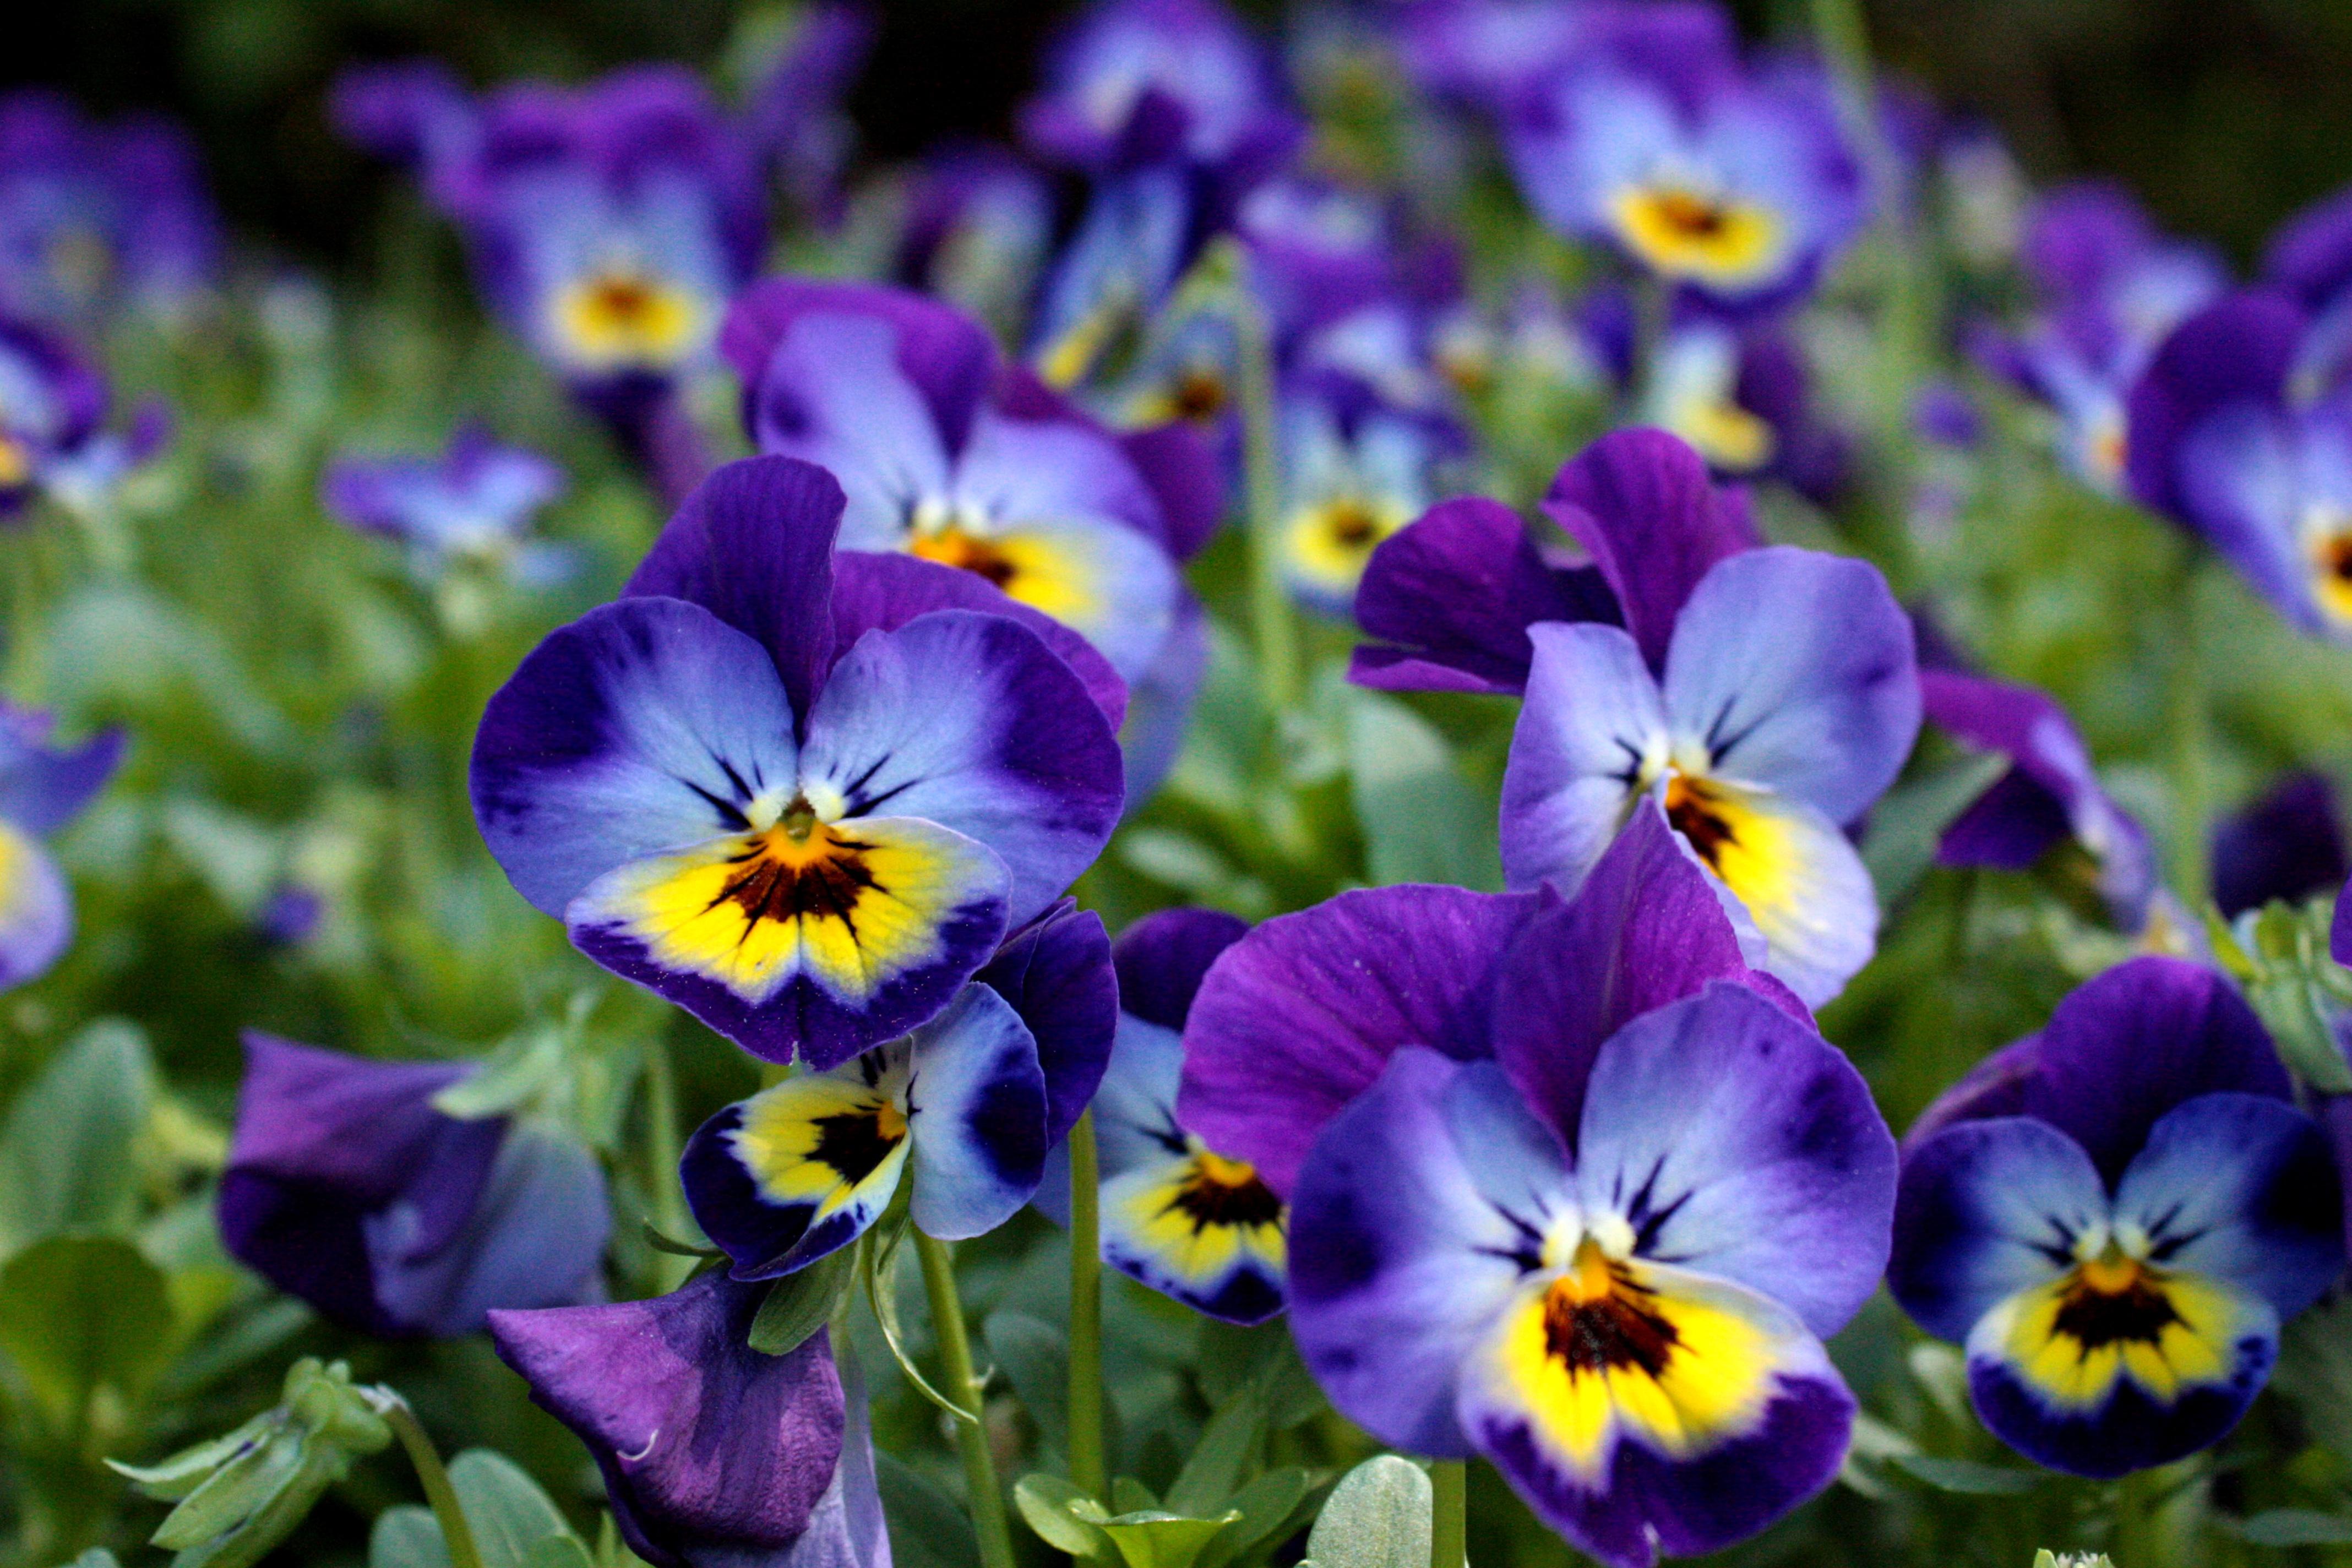 зазноба картинки на рабочий стол цветы фиалки отзывам